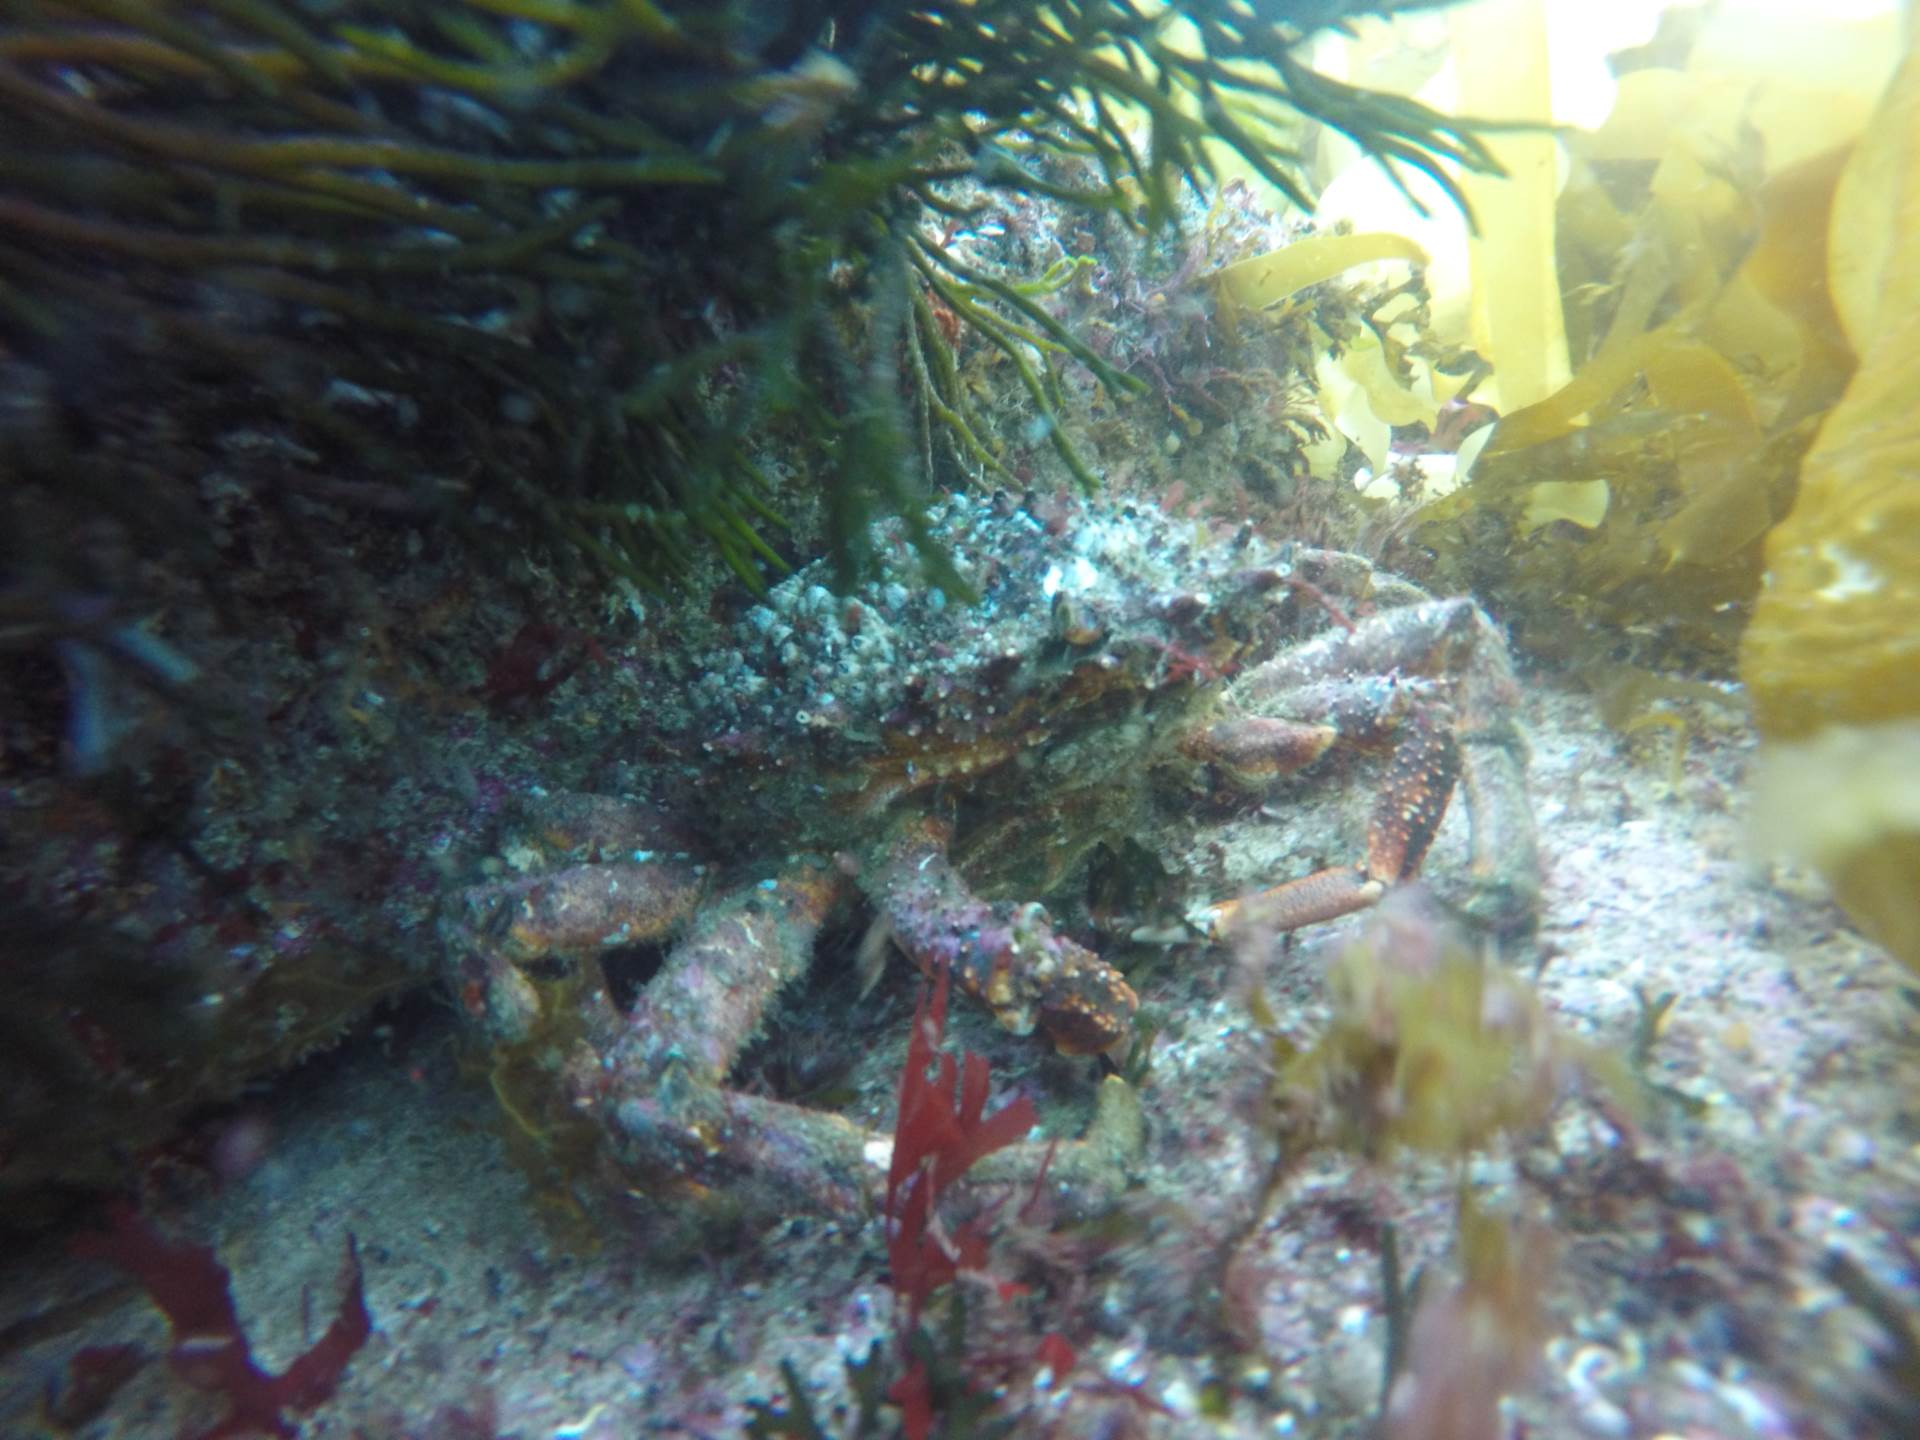 Underwater live